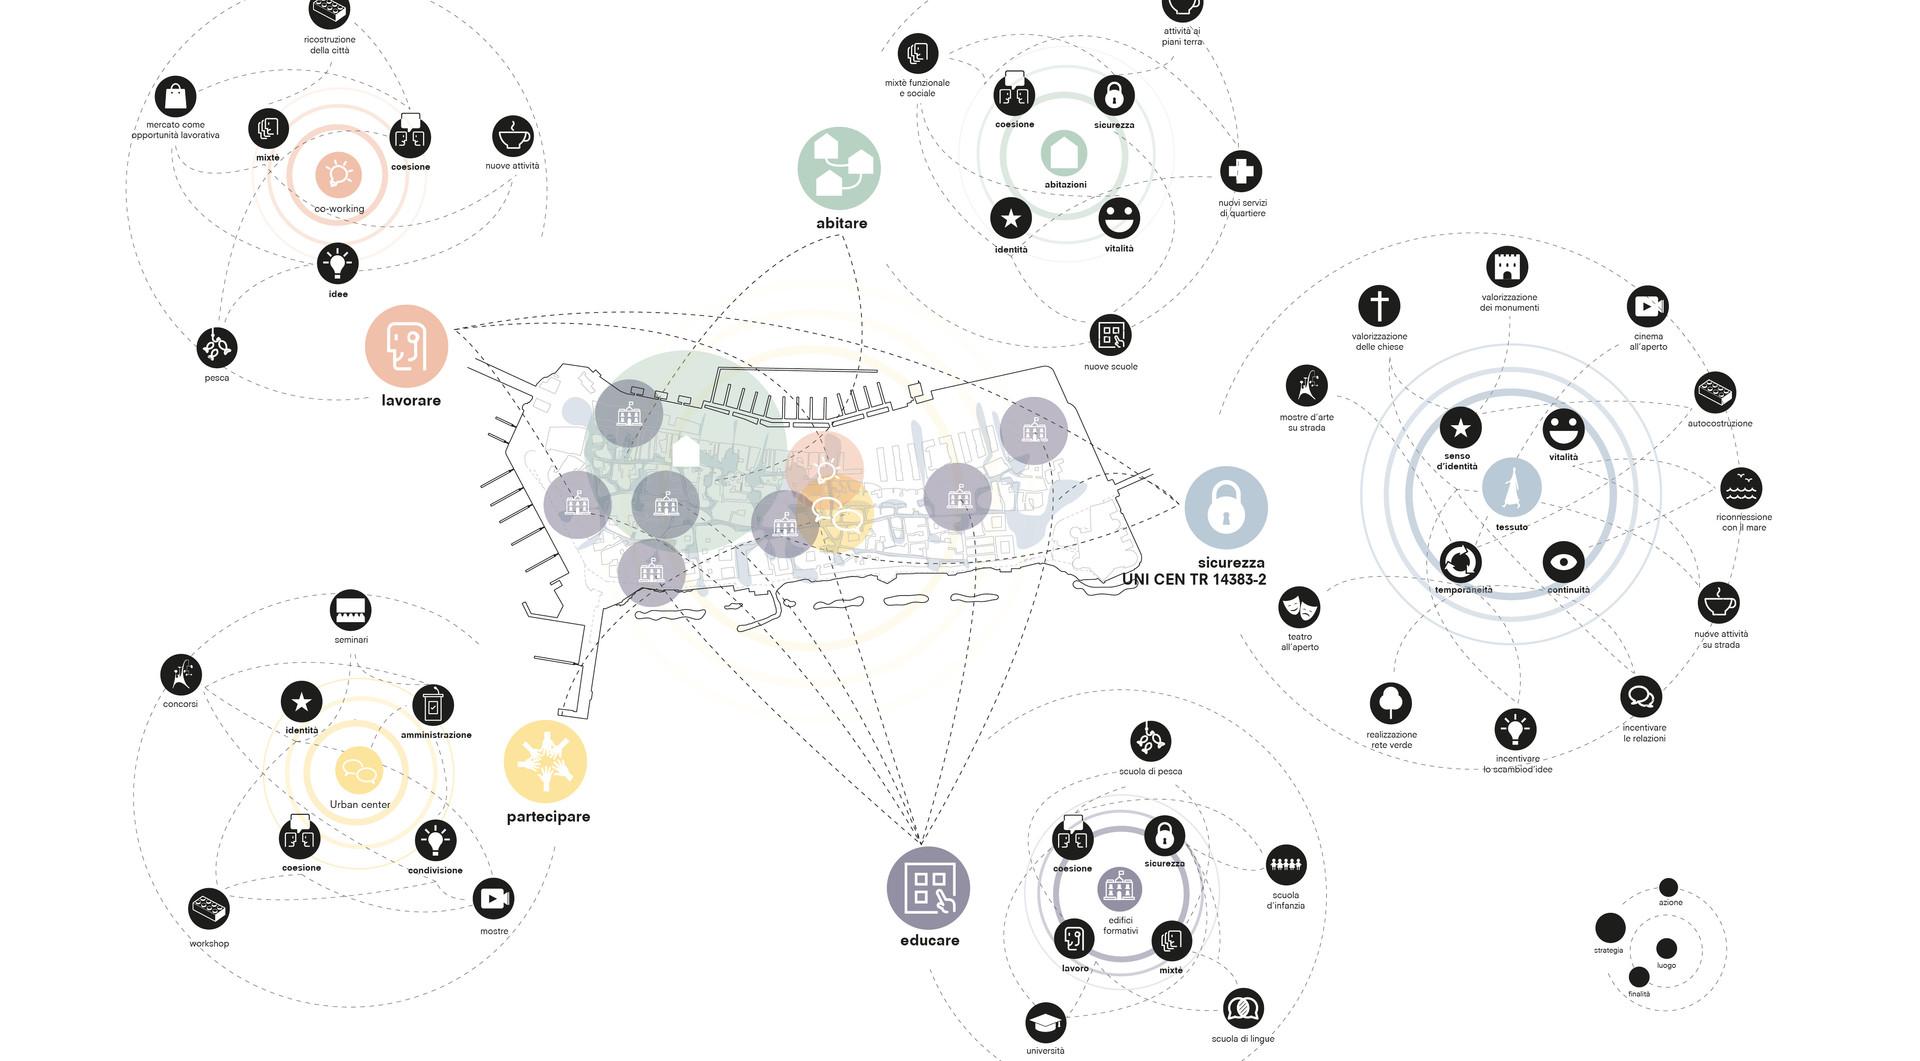 la rete dell'integrazione